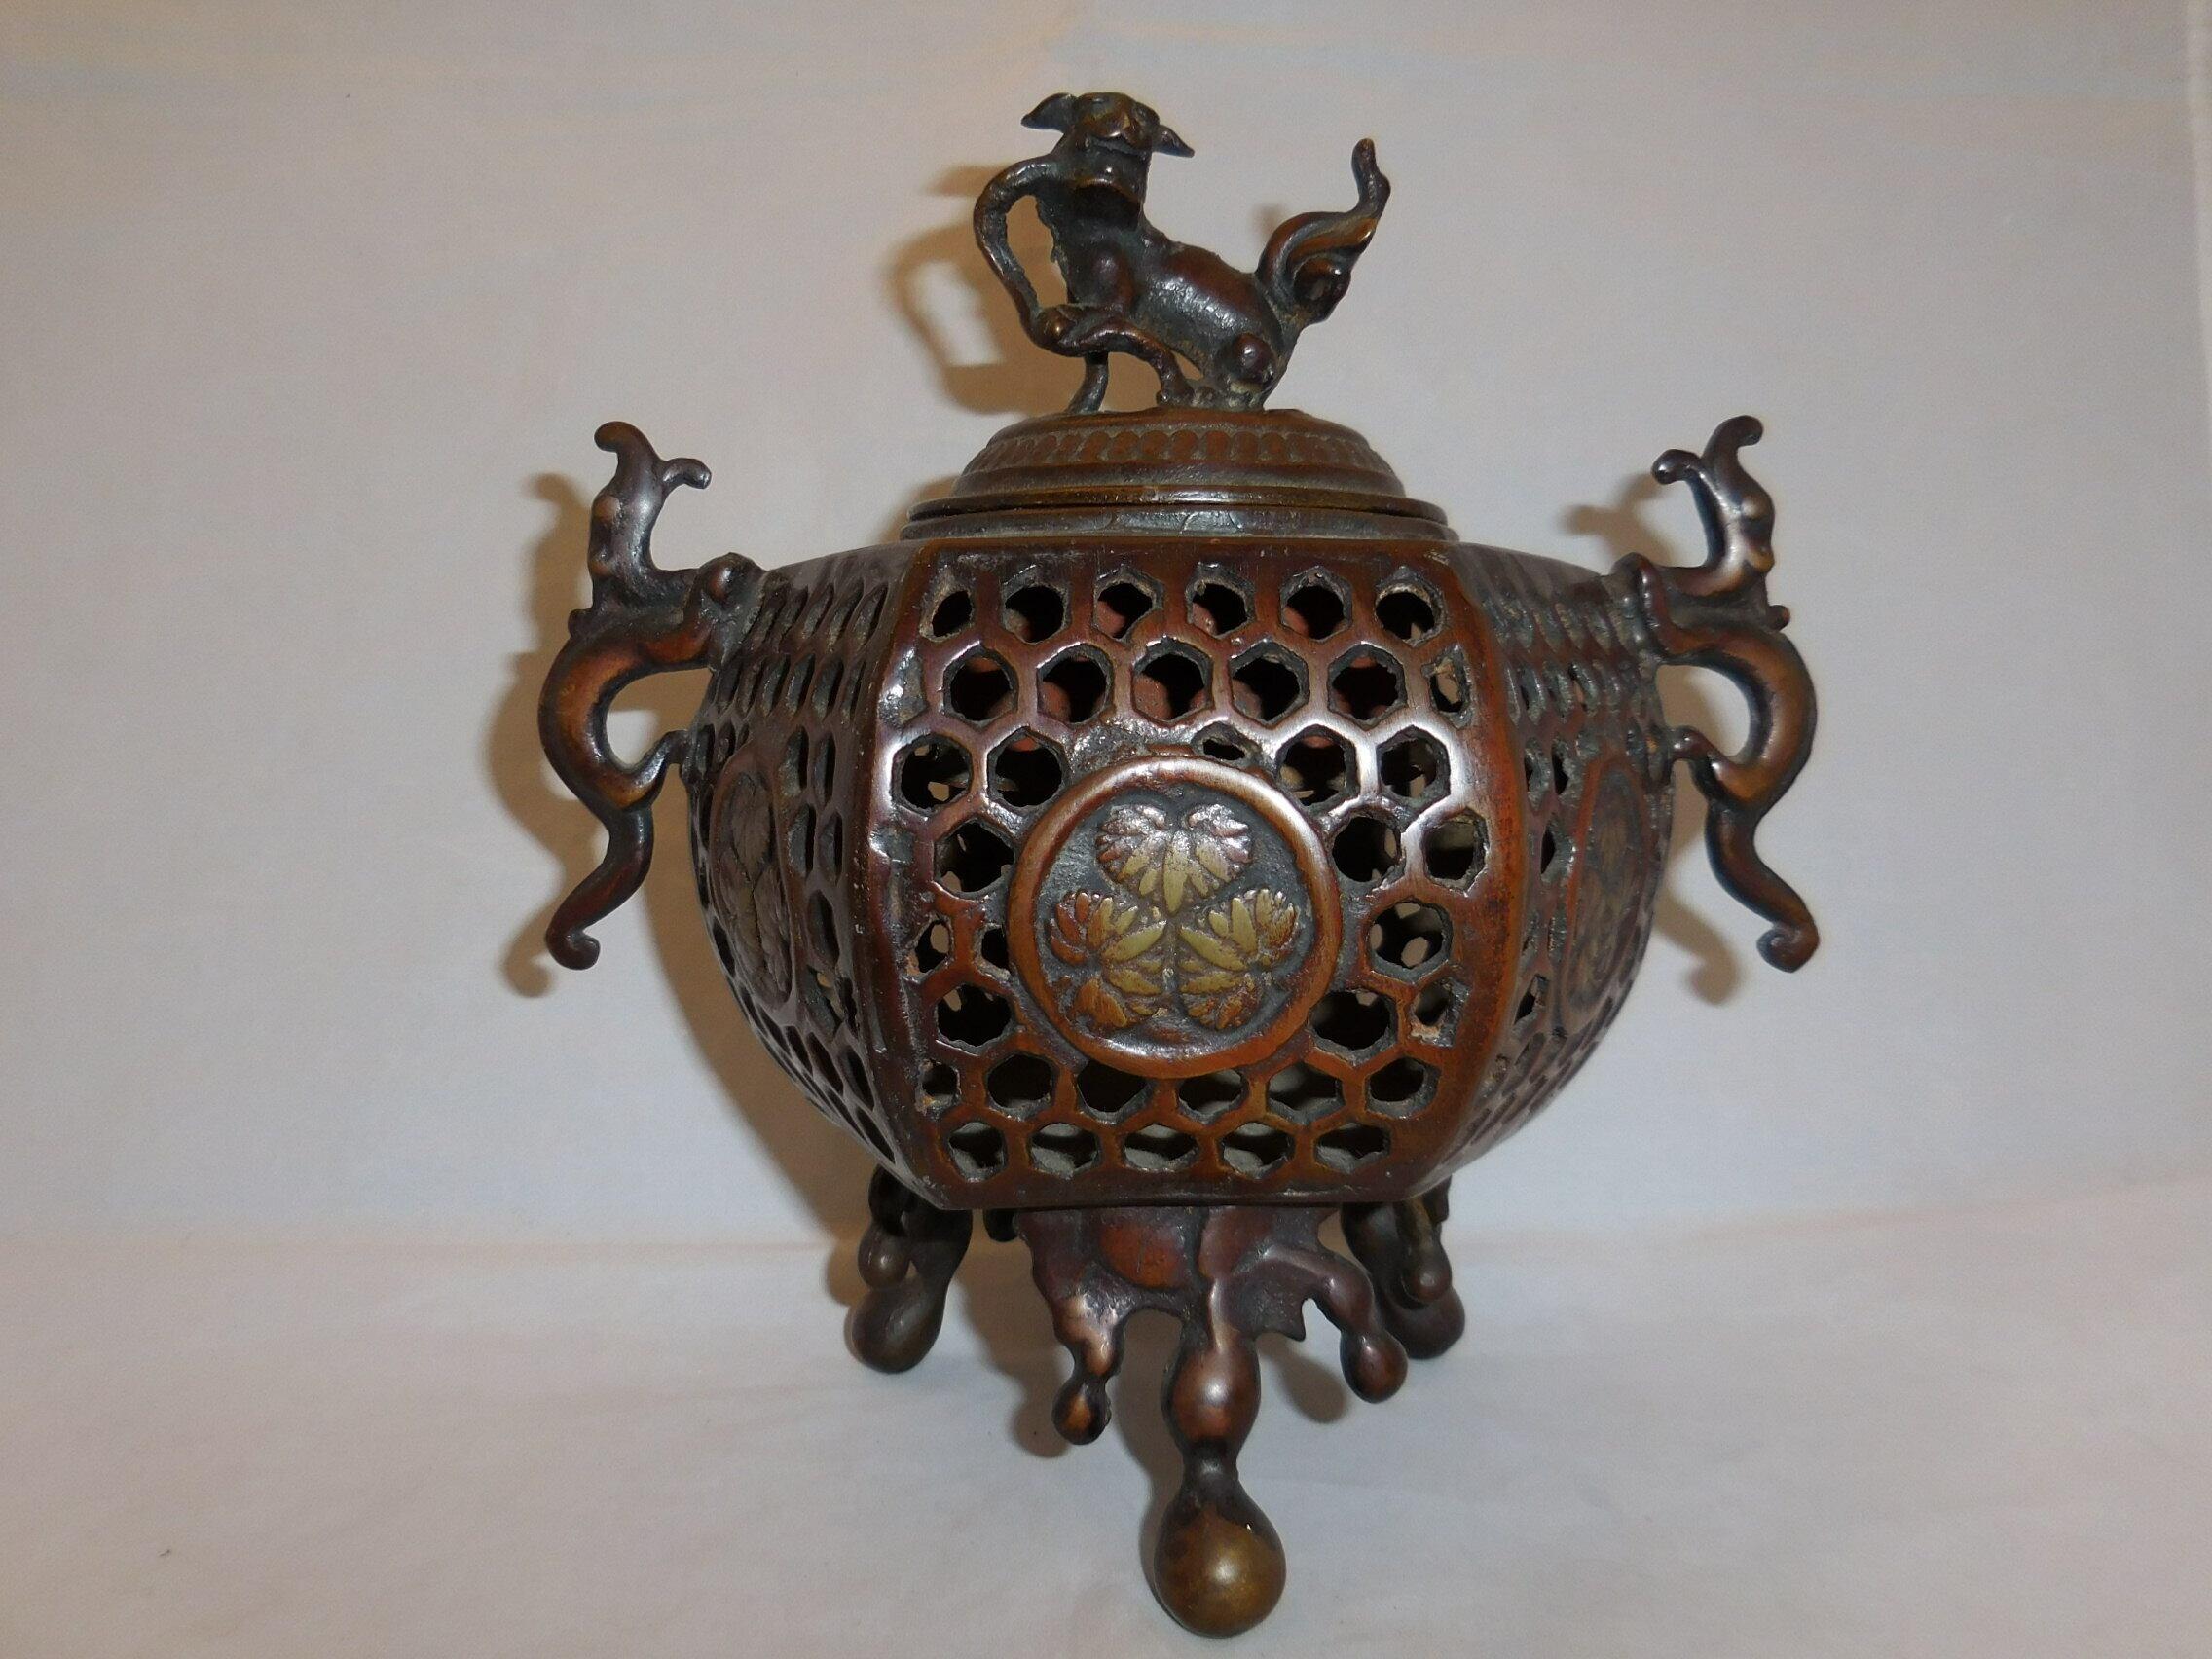 香炉 multi-metal incense burner (brown)